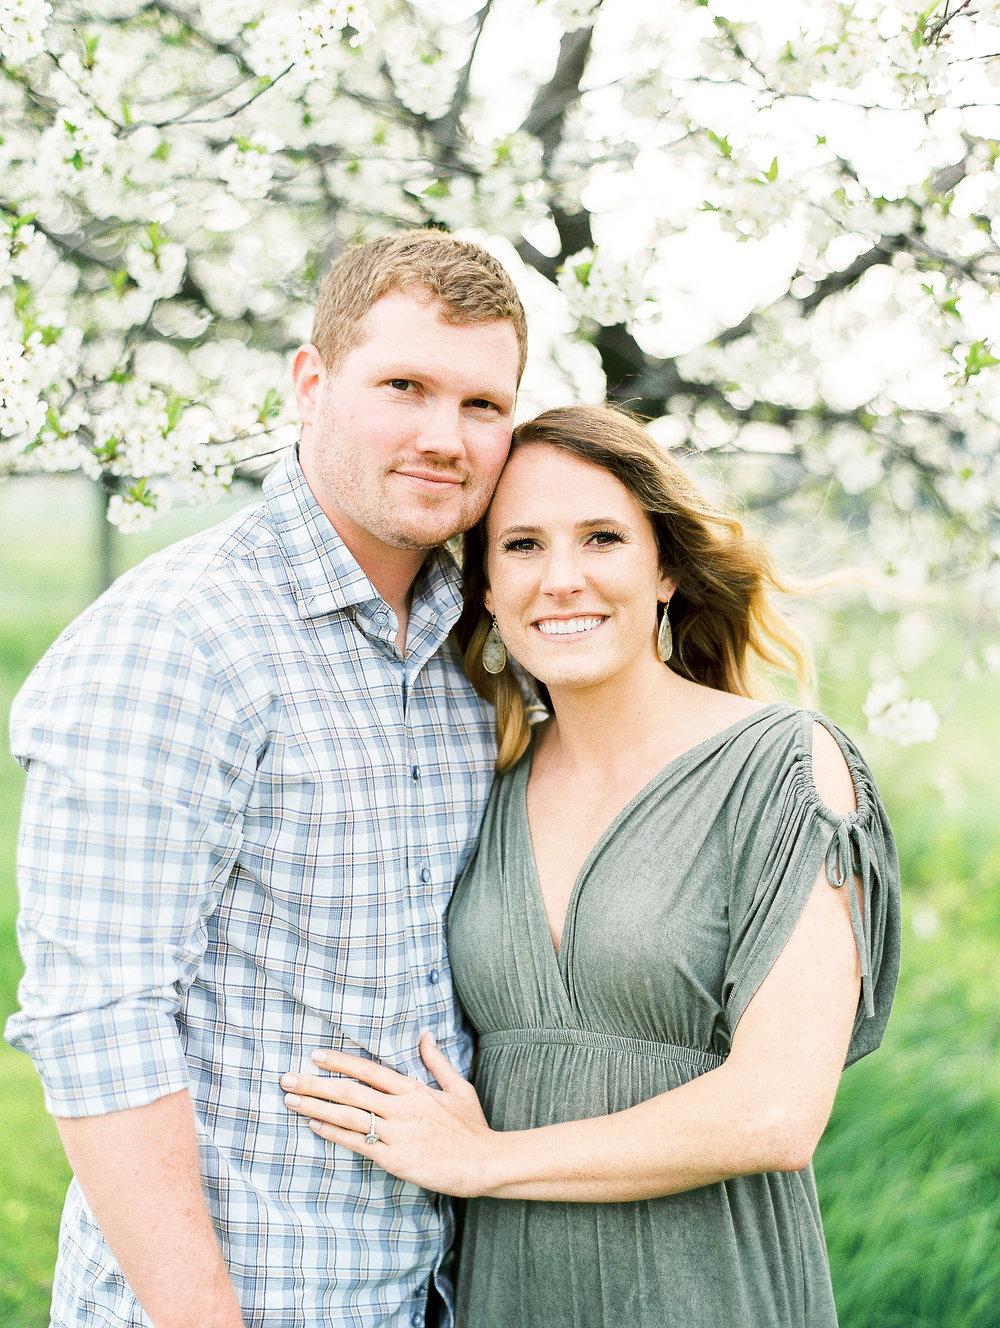 Sheboygan Wisconsin Apple Blossom Engagement Photos, Kohler Wedding Photographers